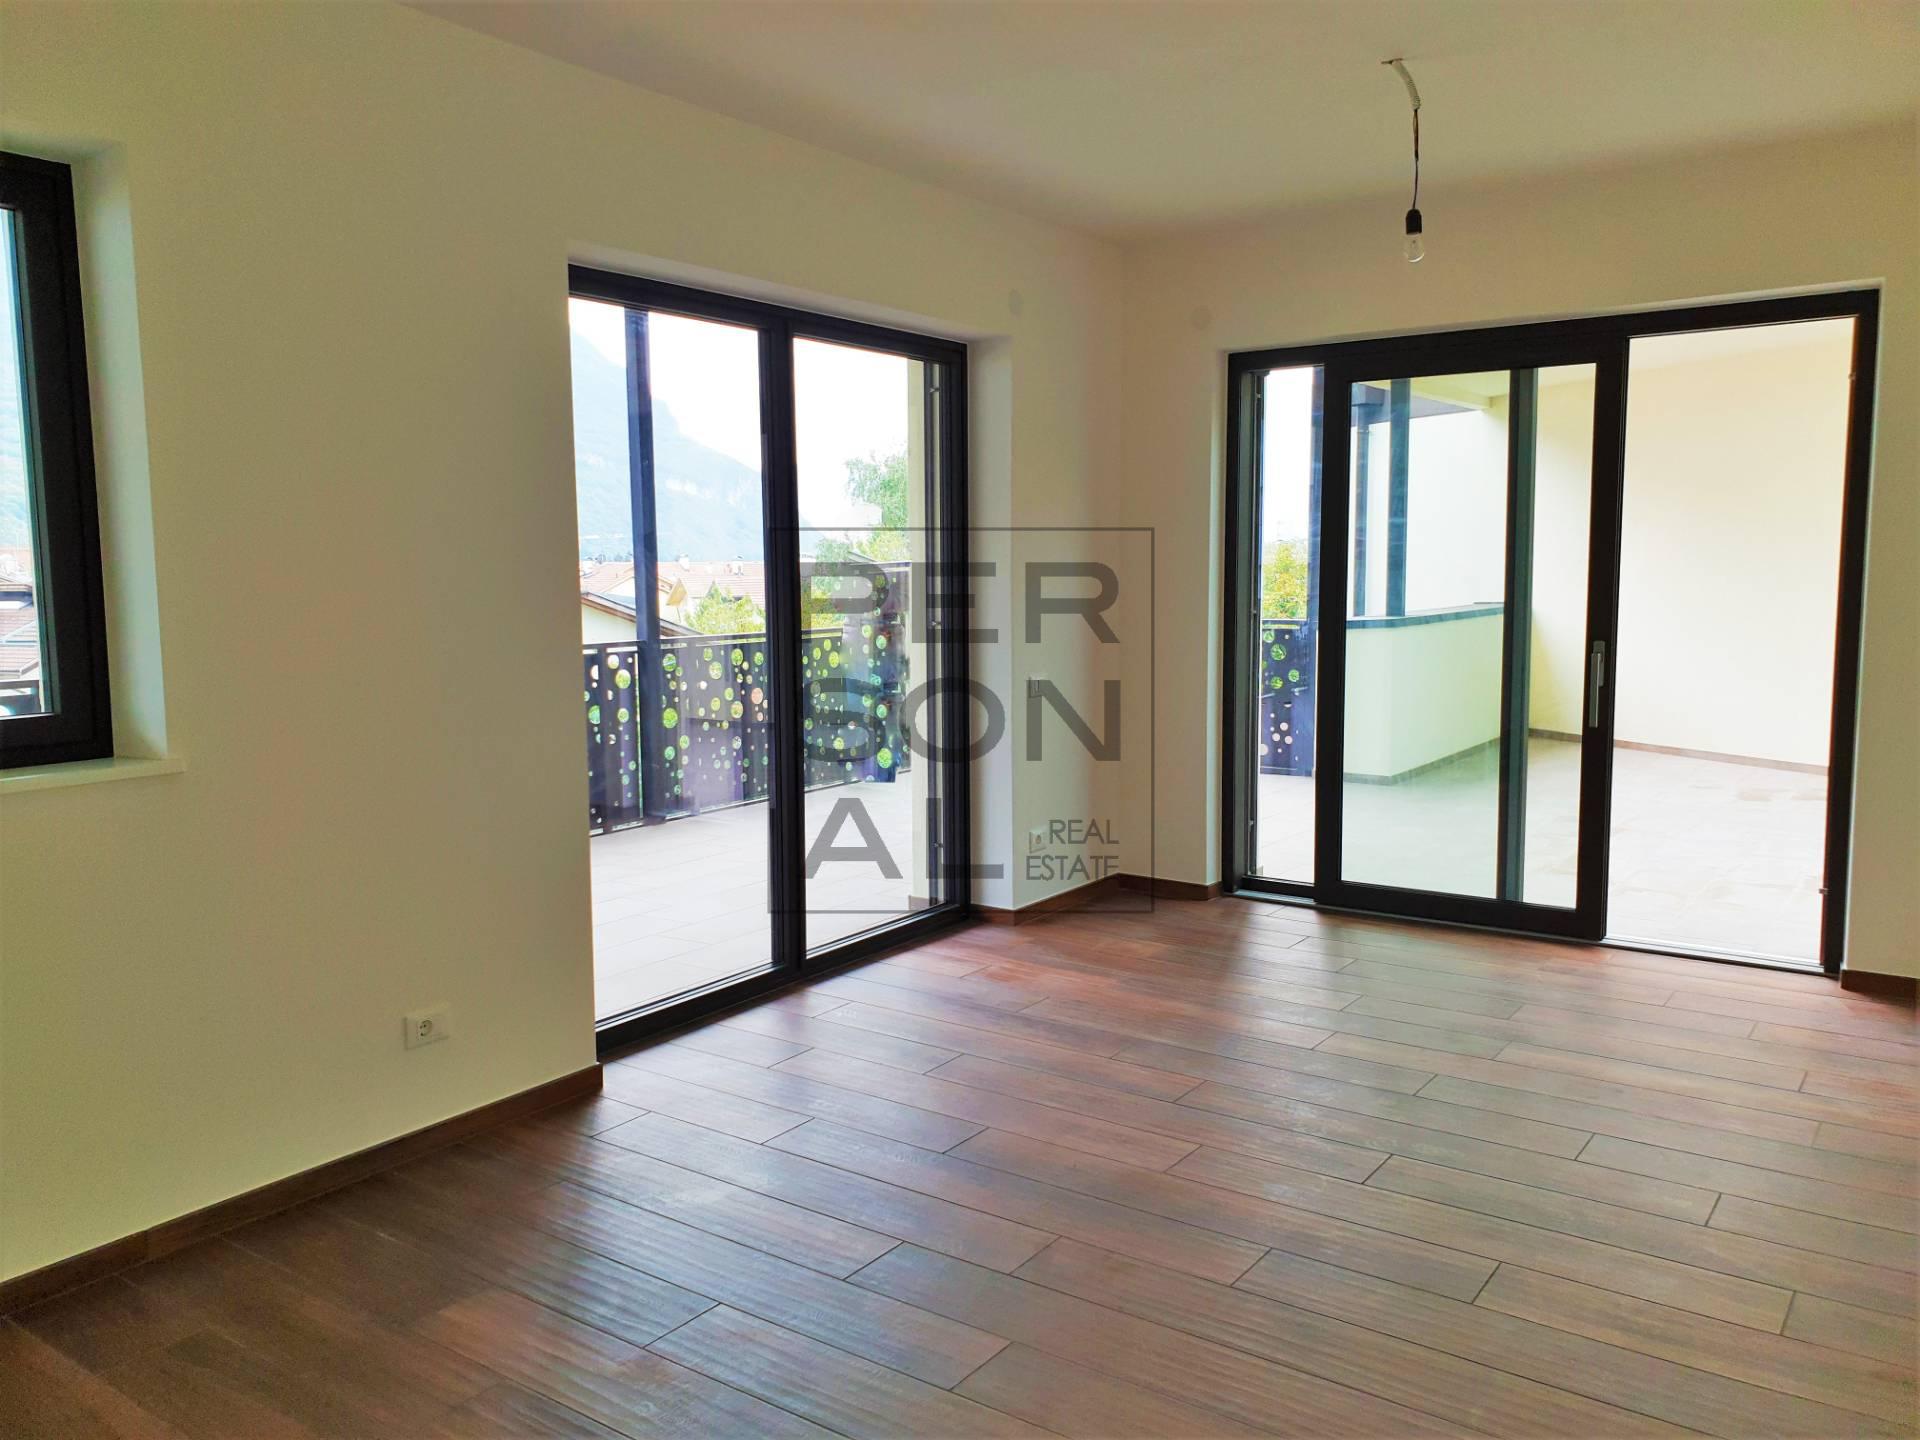 Appartamento in affitto a Egna, 5 locali, prezzo € 1.300 | CambioCasa.it